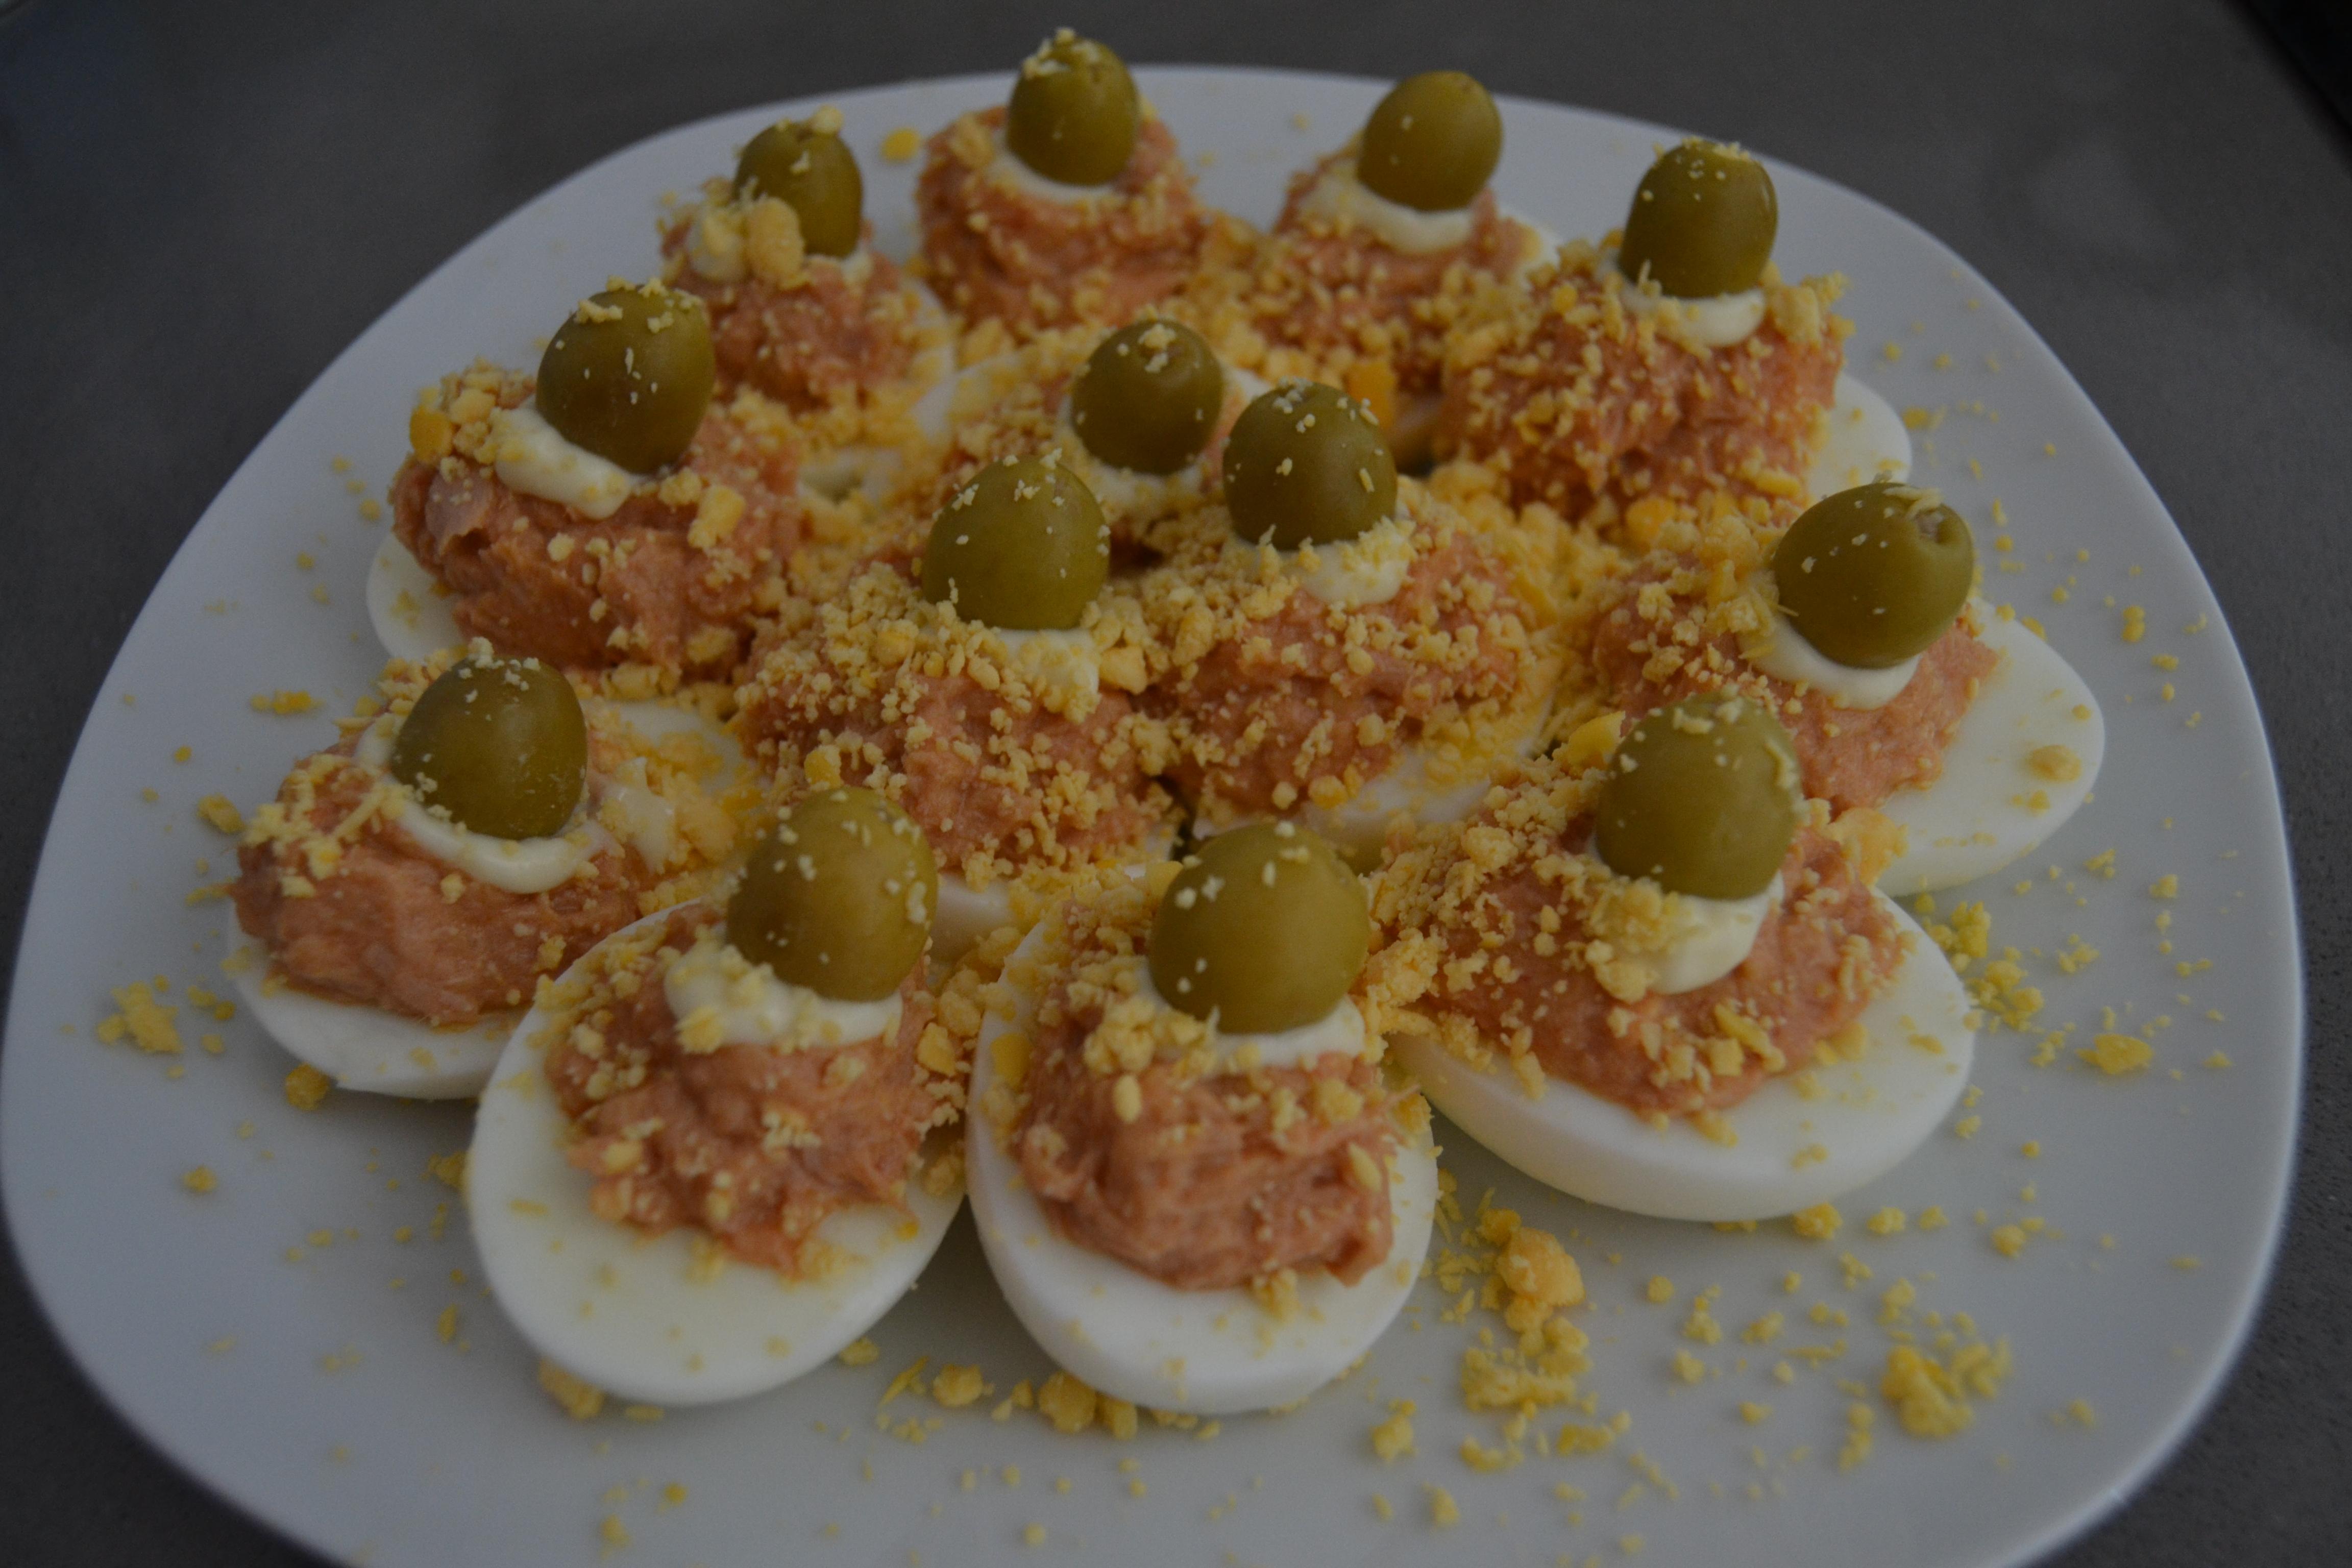 Receta Huevos Rellenos - Hábitos Saludables de Vida (17)